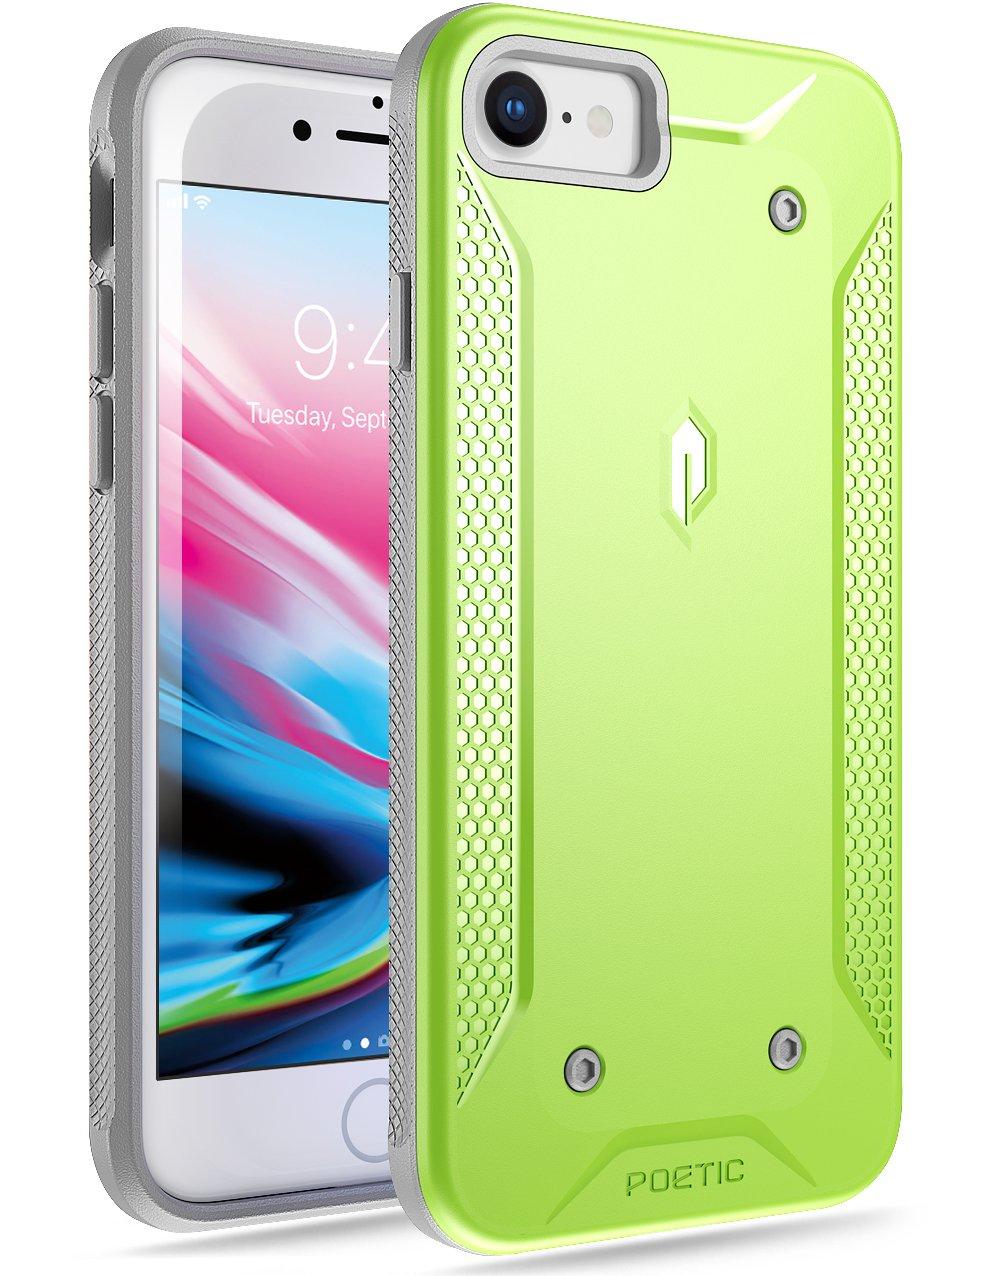 iphone 8 case poetic